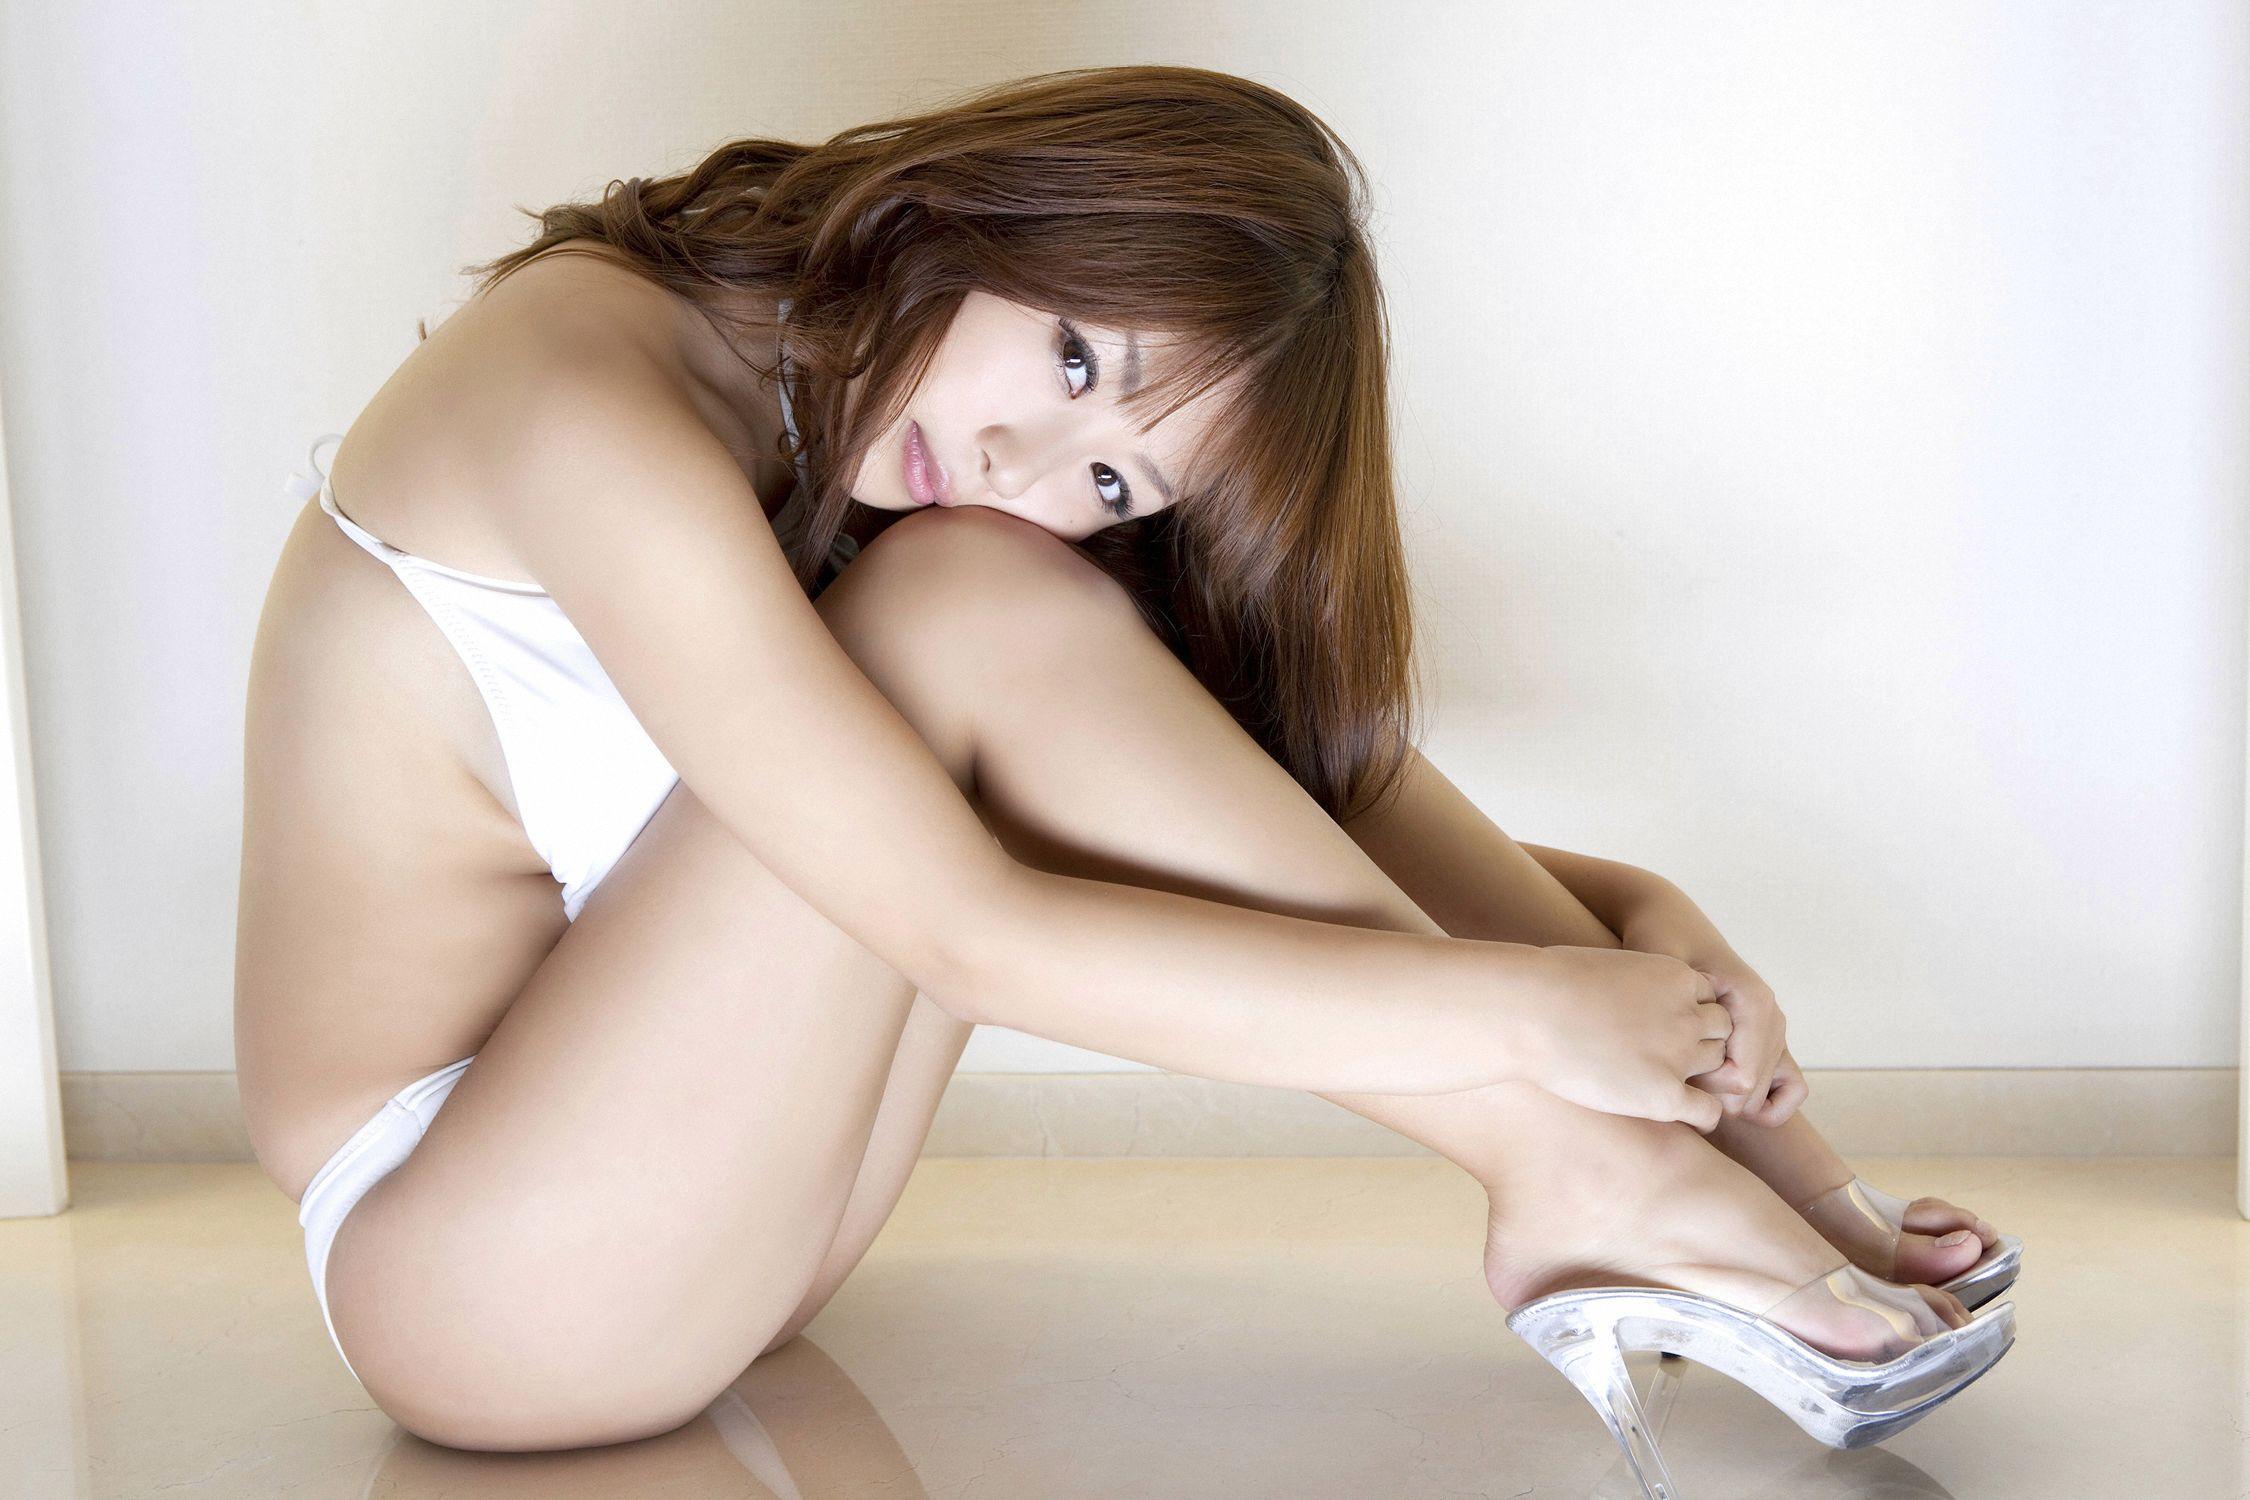 西田麻衣 過激 画像 69